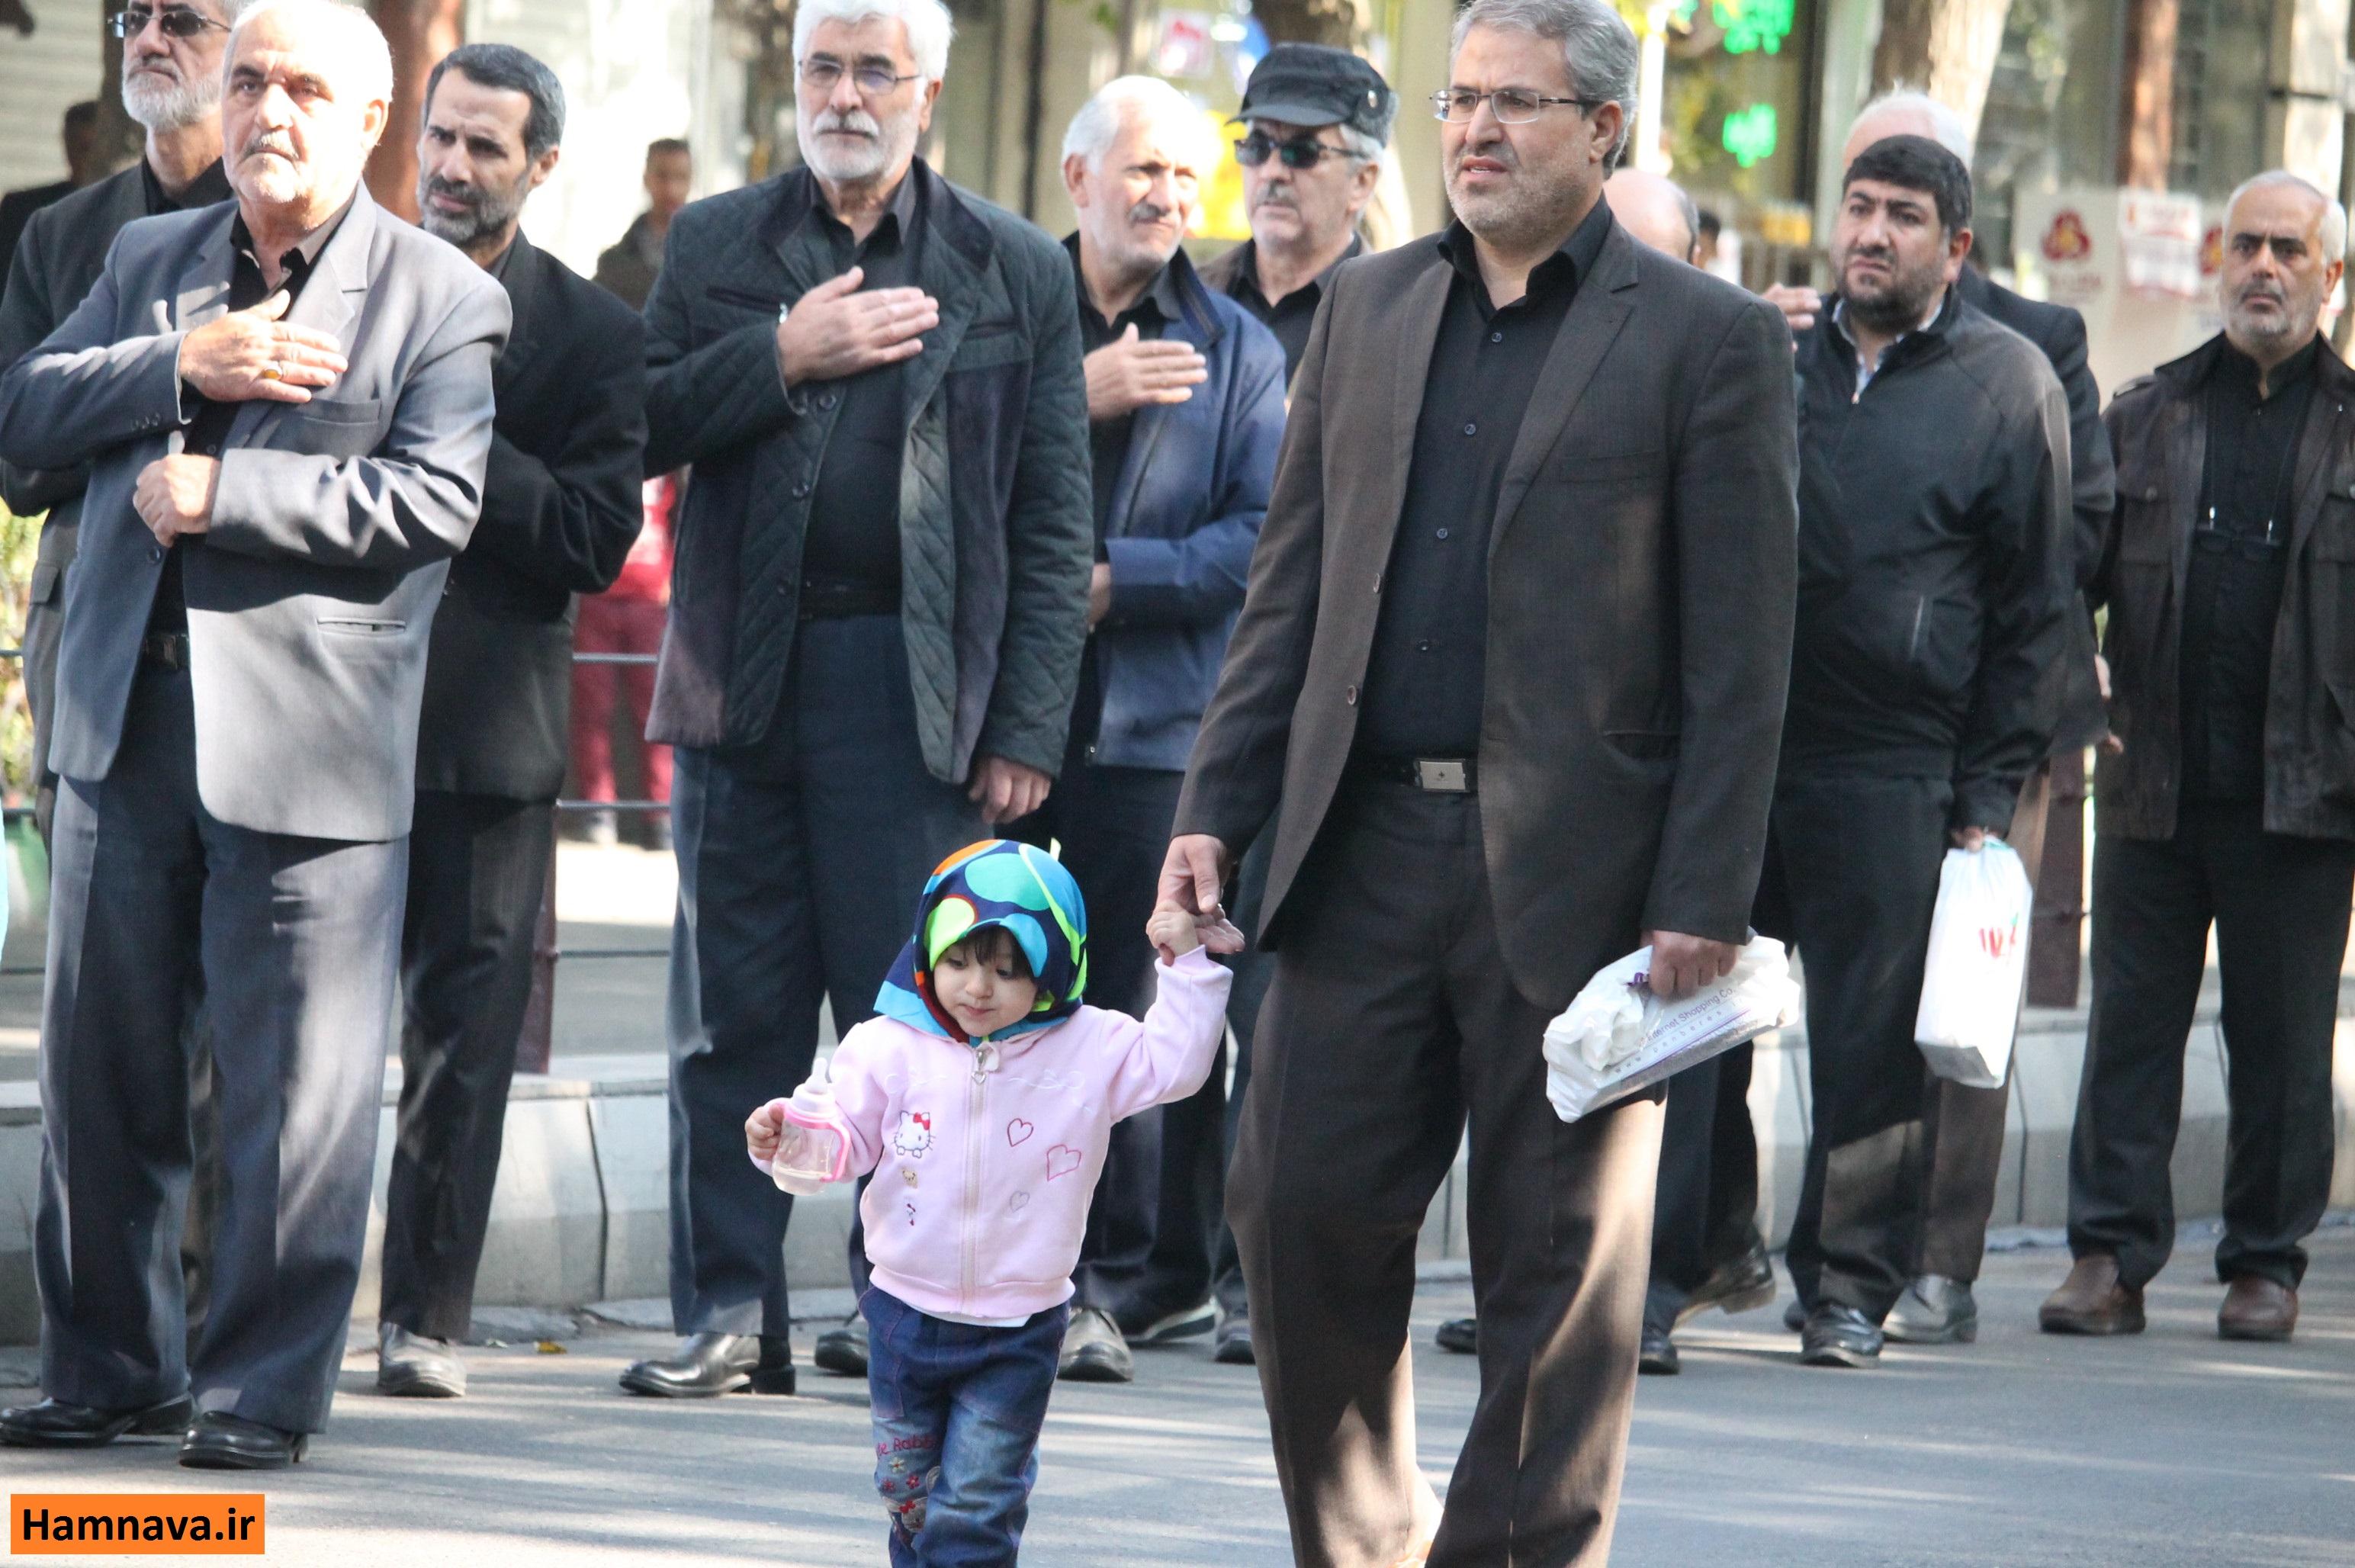 عزاداری مردم تبریز در سوگ امام حسن عسگری(ع)